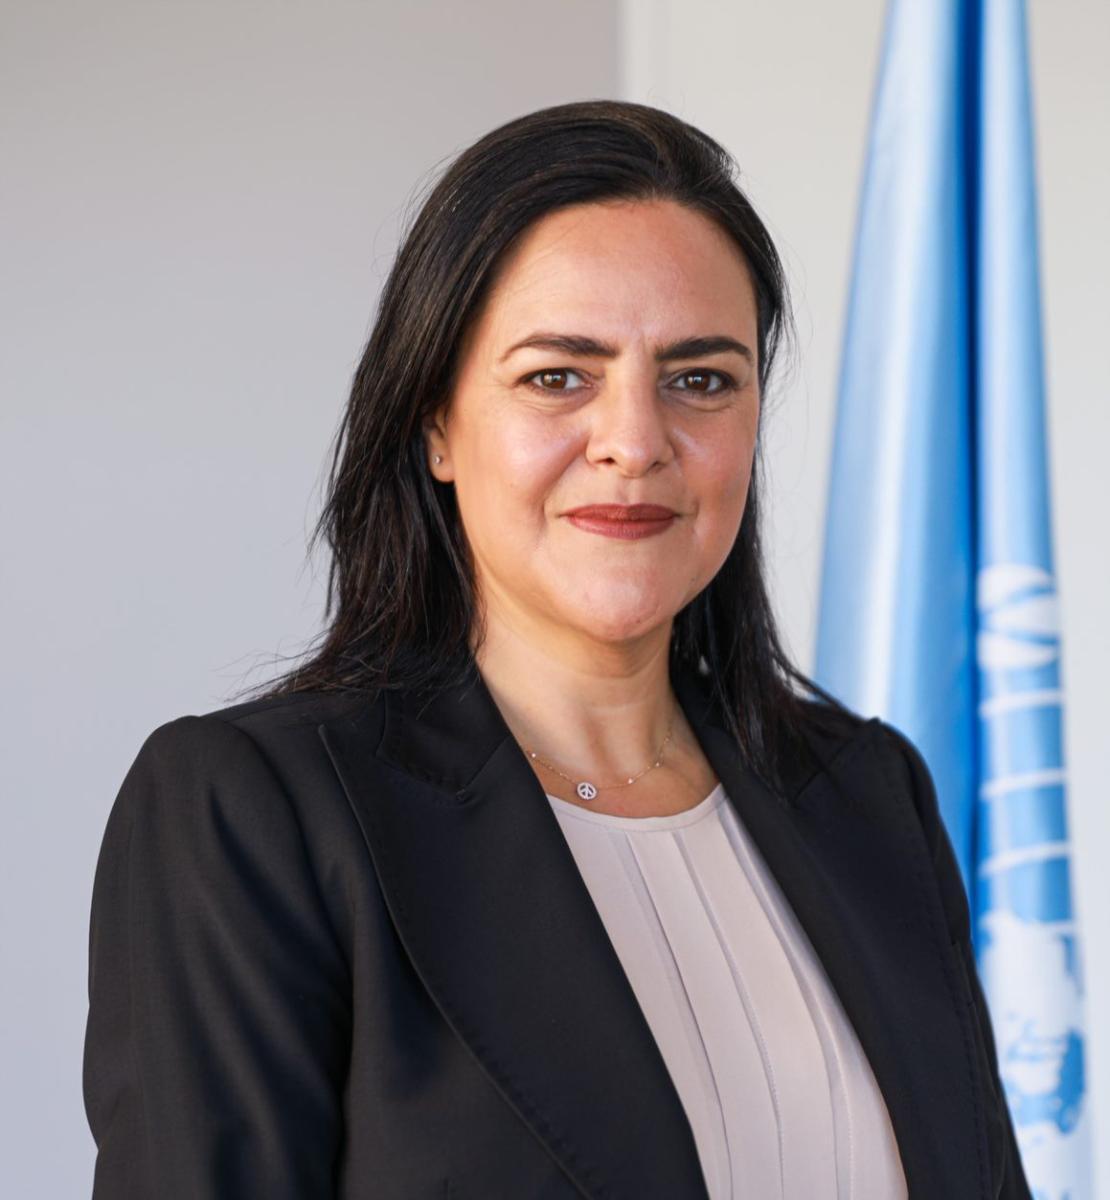 امرأة ترتدي سترة سوداء تنظر مباشرة إلى الكاميرا وخلفها علم الأمم المتحدة.